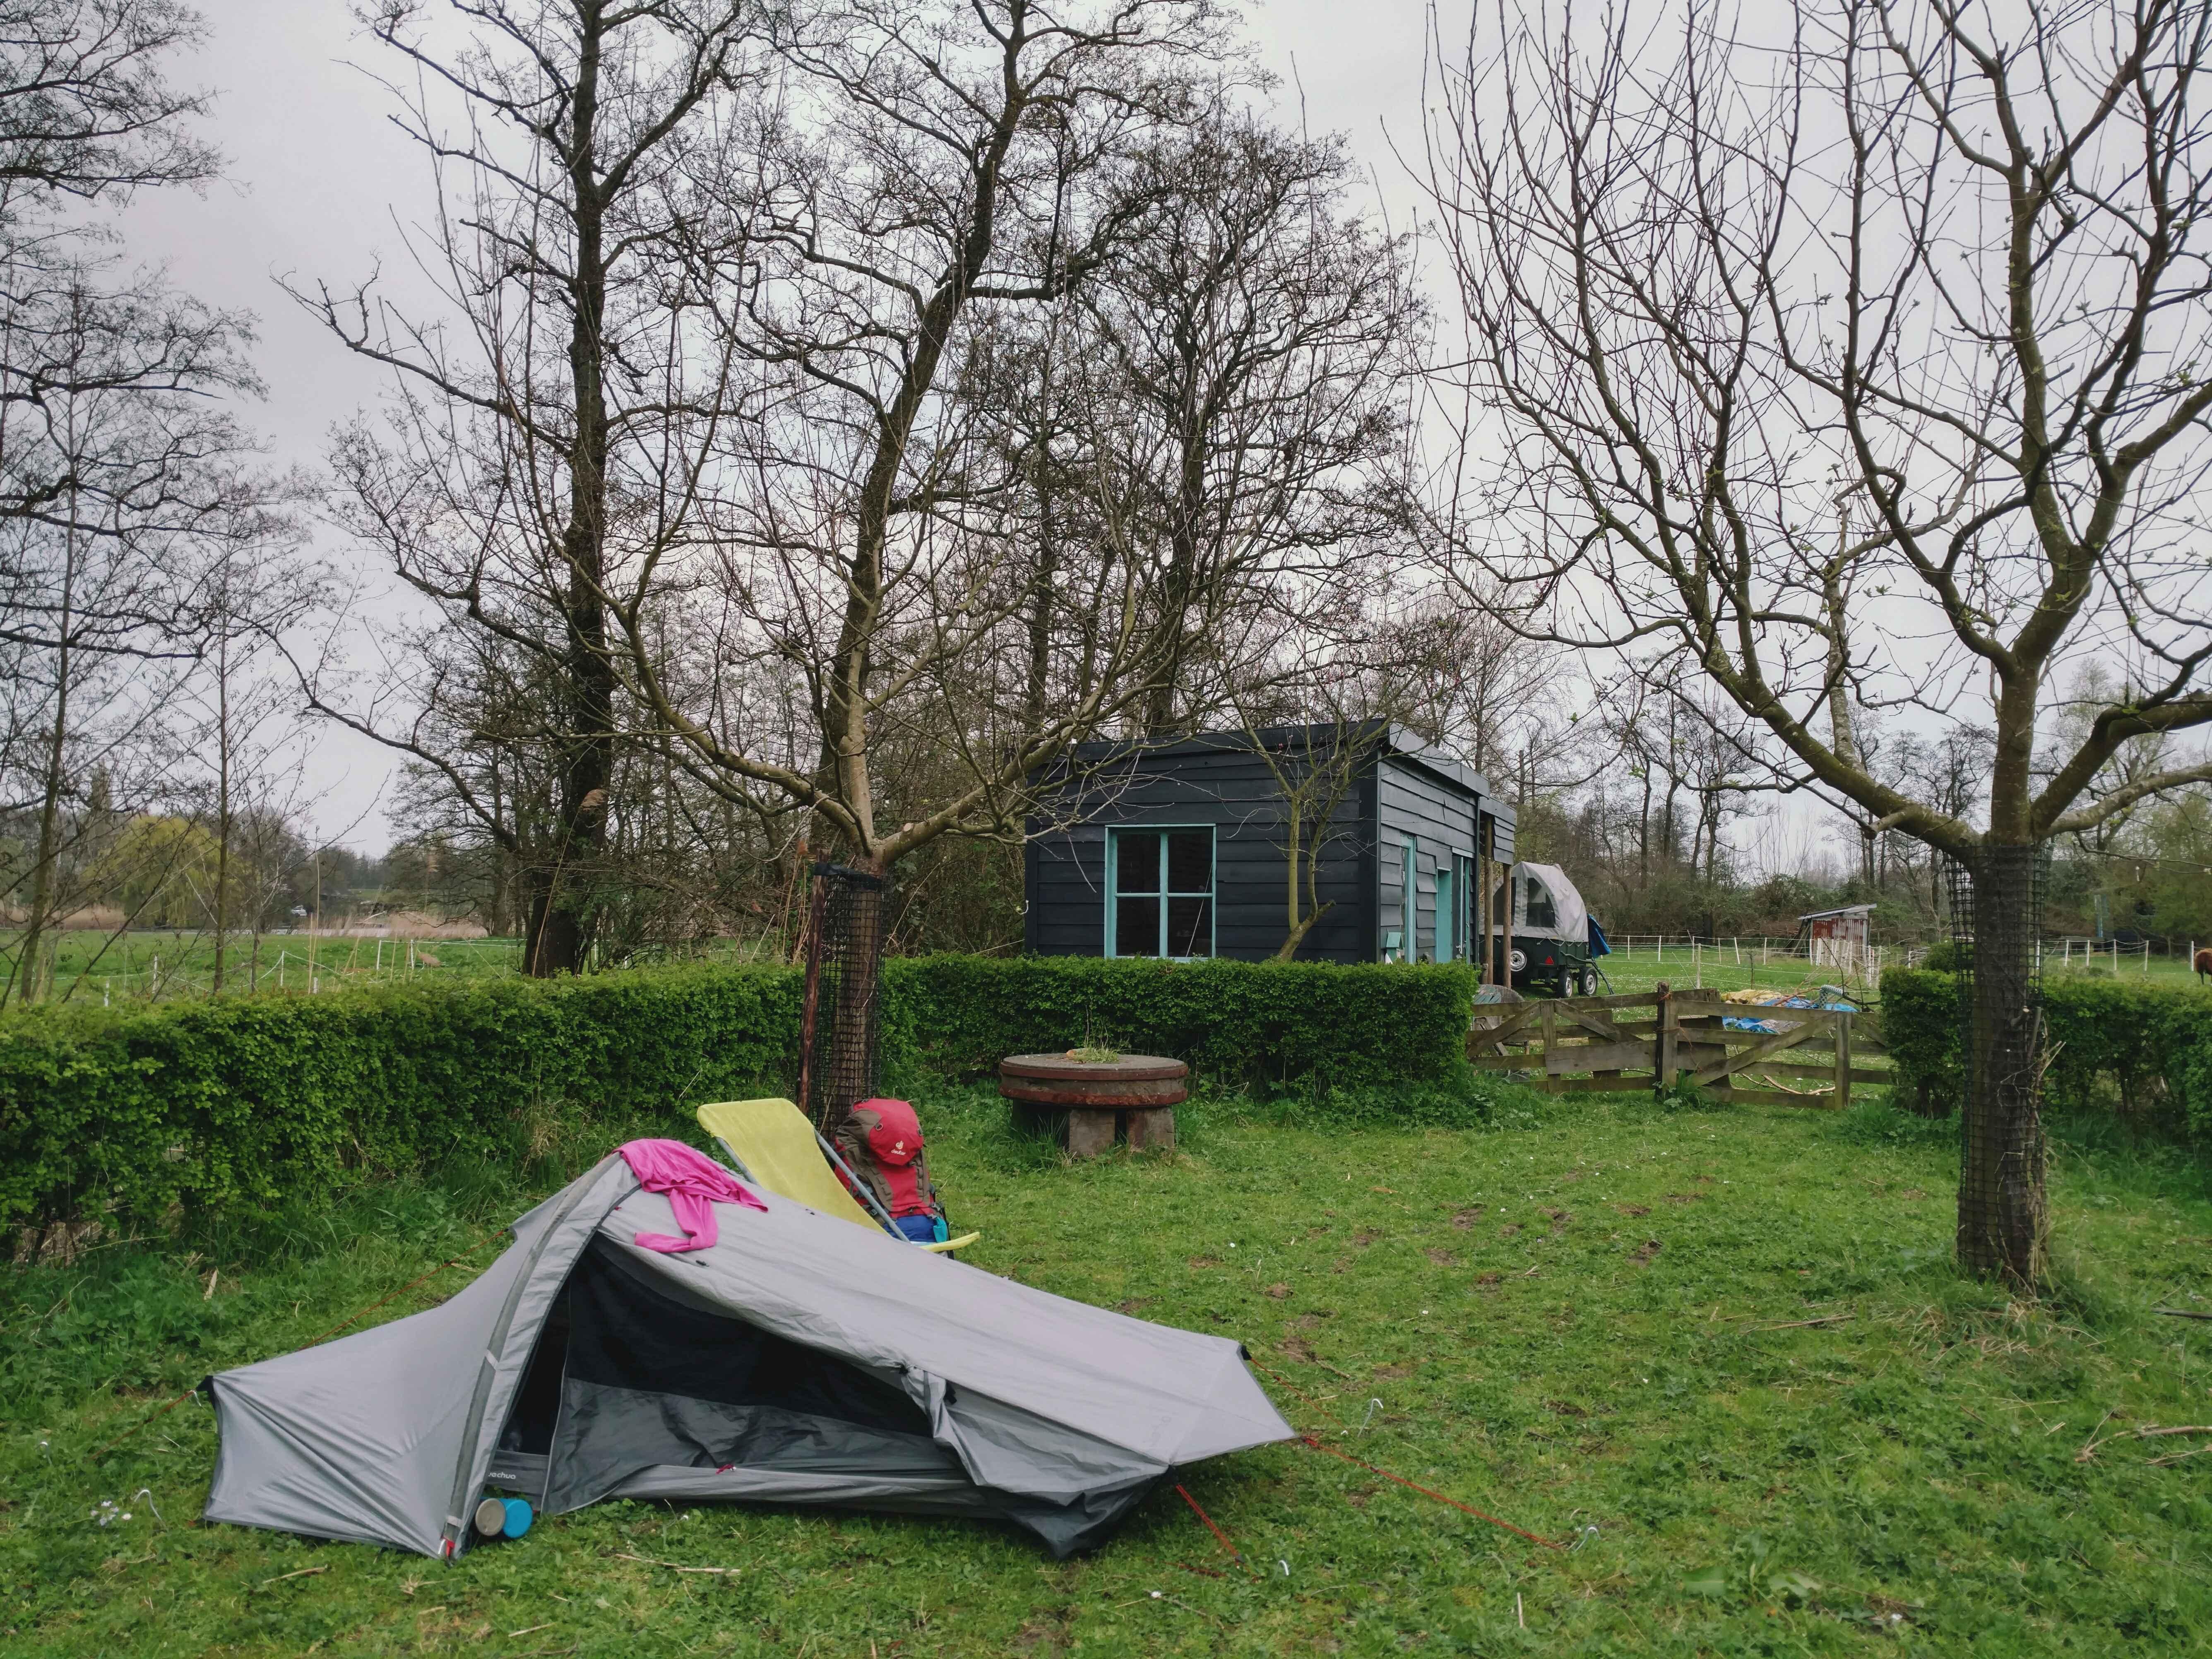 Campinmygarden_meidijk_nl_pilgrims_route